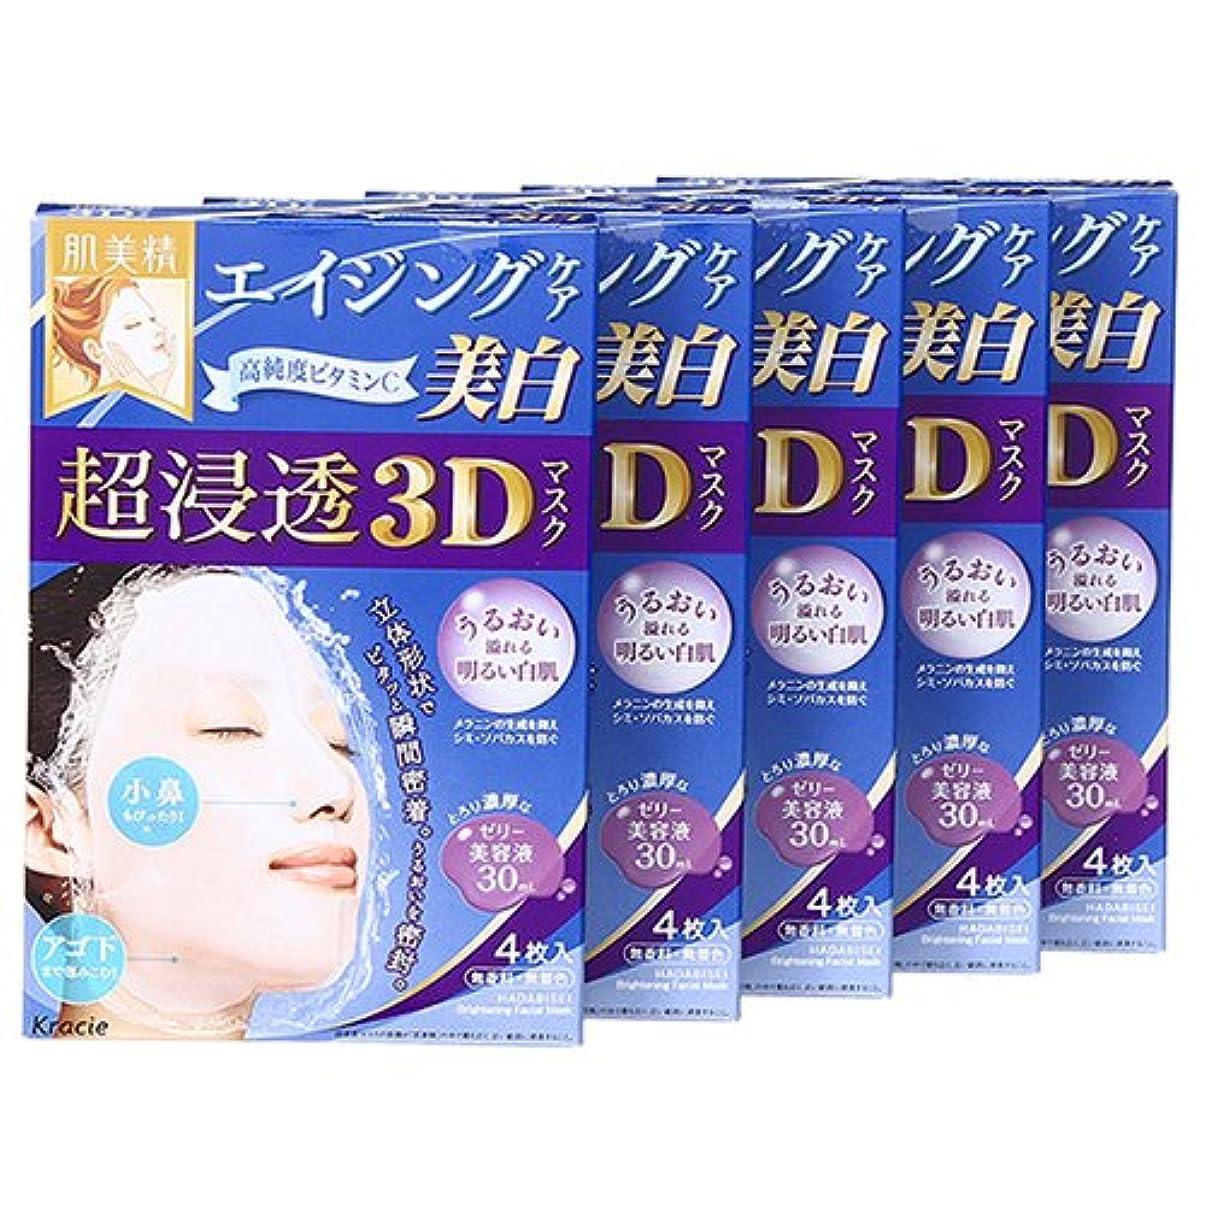 ラオス人今有益なクラシエホームプロダクツ 肌美精 超浸透3Dマスク エイジングケア(美白) 4枚入 (美容液30mL/1枚) 5点セット [並行輸入品]